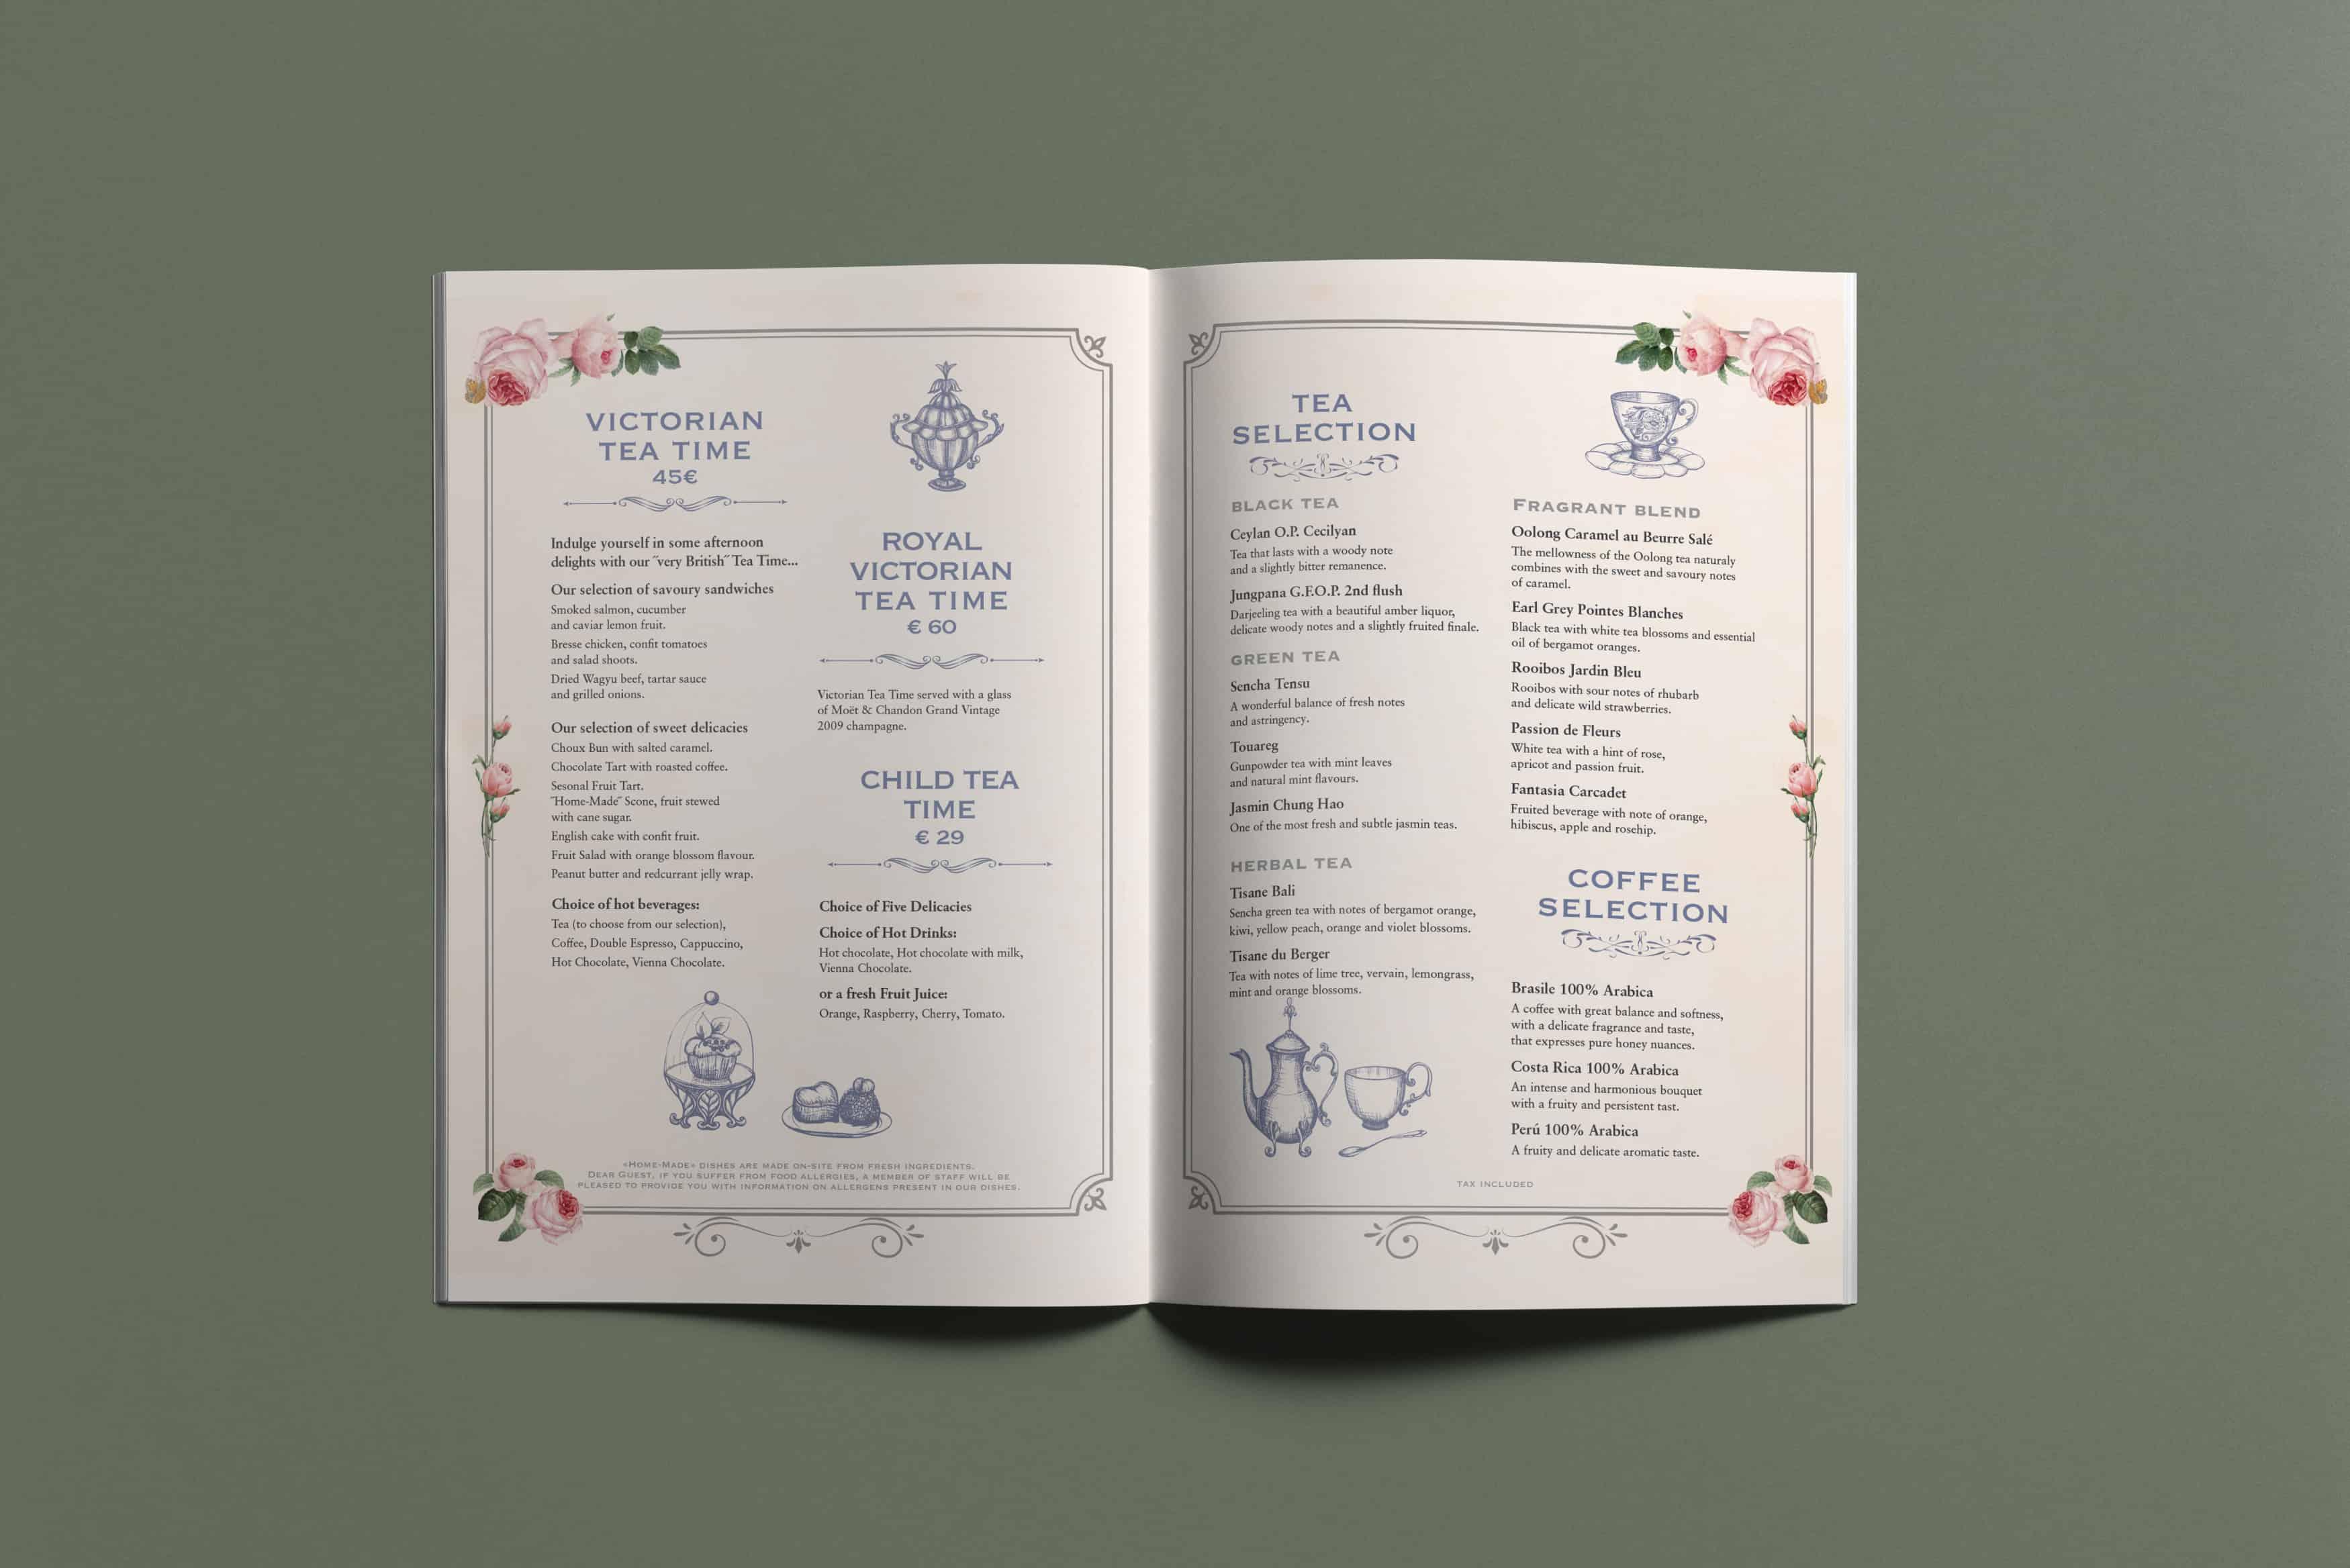 menu-de-restaurant-du-cafe-fantasia-a-disneyland-paris-page-style-victorien-menu-anglais